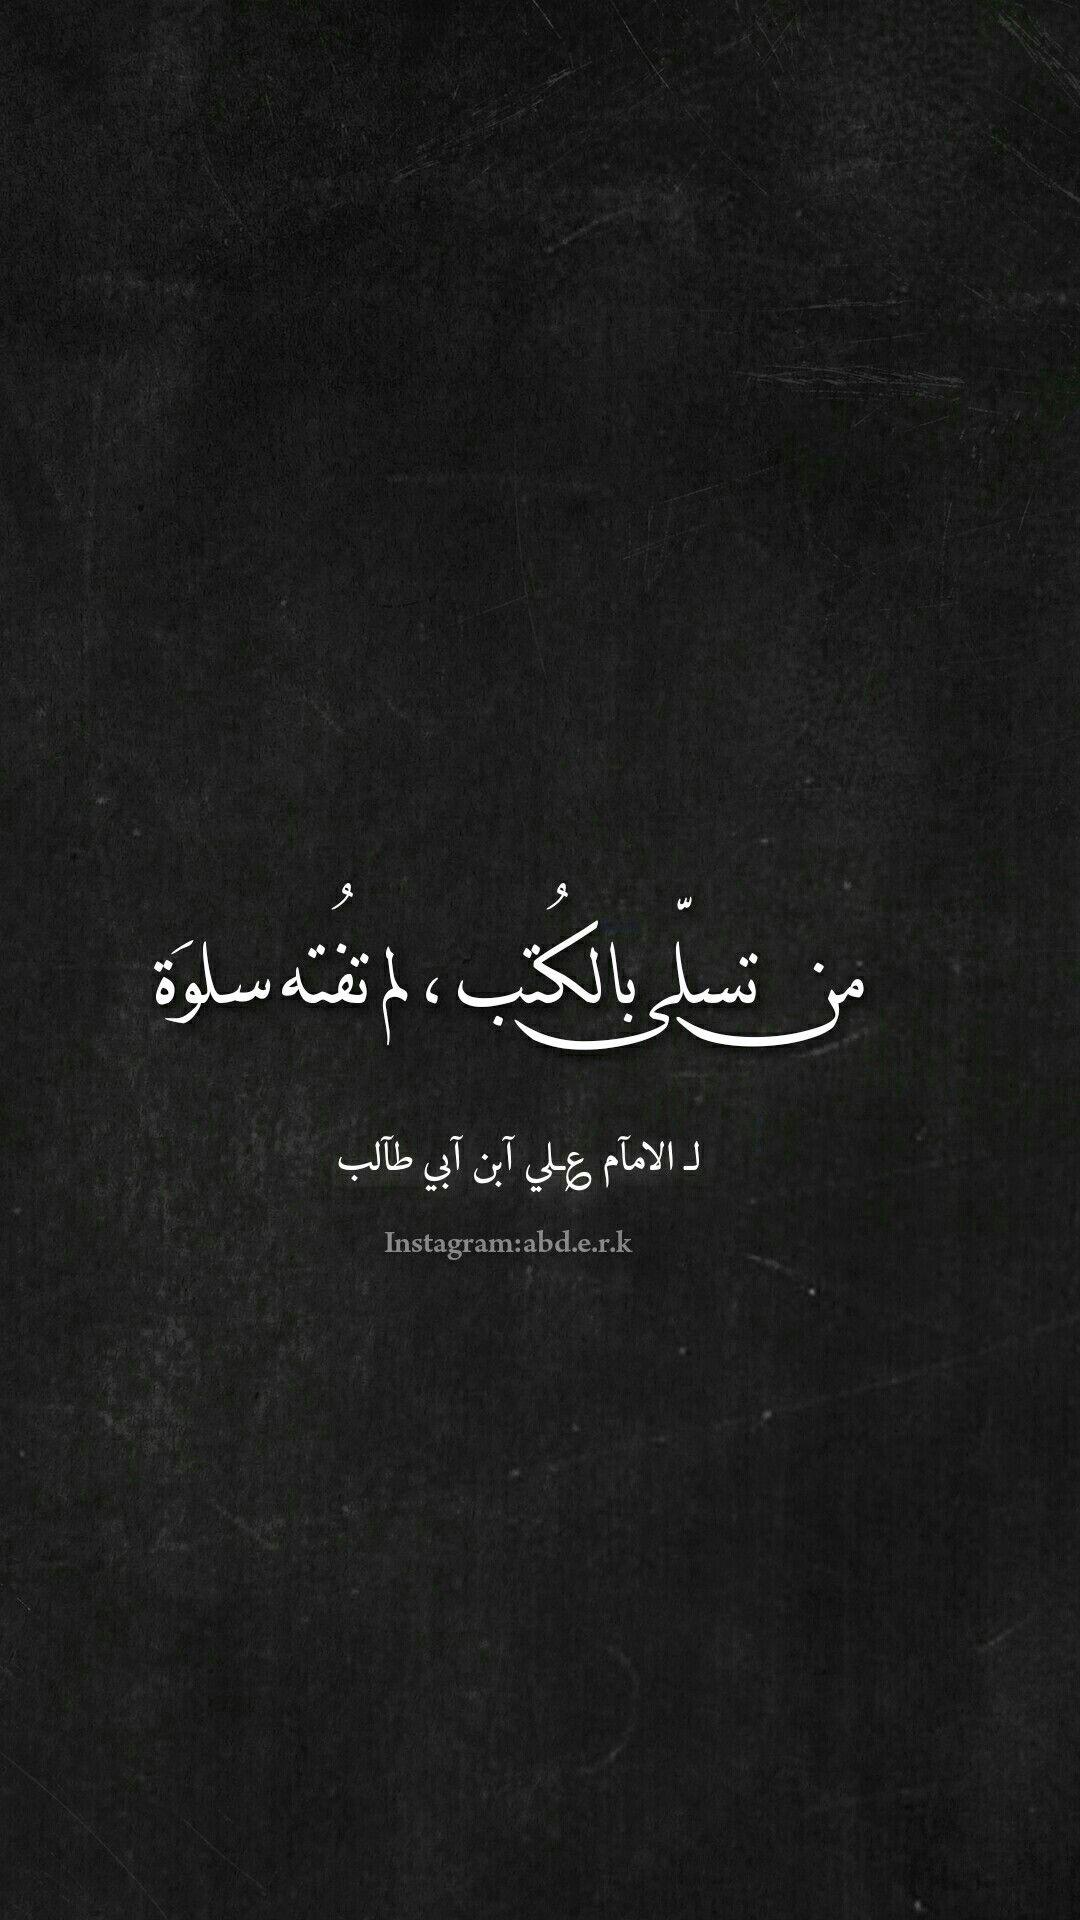 من تسل ى بالك تب لم تف ته سلو ة الإمام علي Words Quotes Wisdom Quotes Funny Arabic Quotes